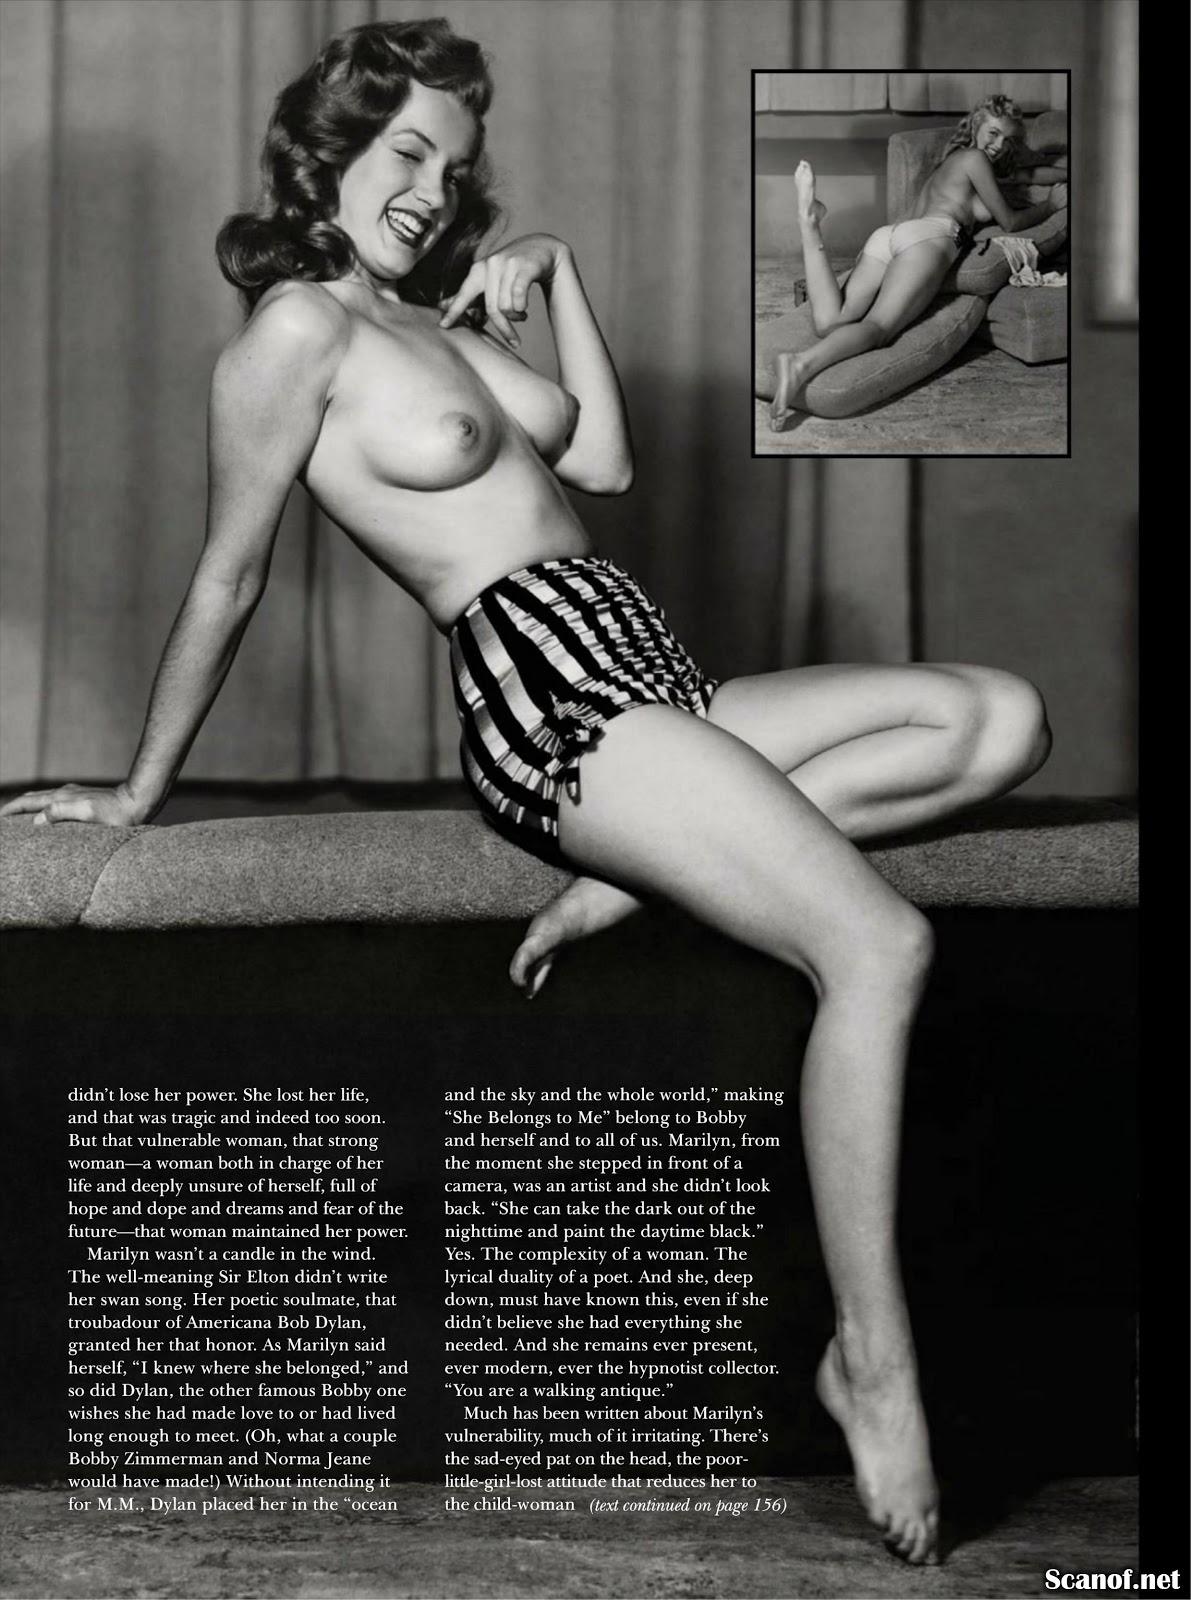 http://2.bp.blogspot.com/-YvJnB6S4RpQ/UK1WnzVDHPI/AAAAAAAAM2w/Ei0Q6LJ04E4/s1600/Marilyn+Monroe+Playboy+2012+(4).jpg